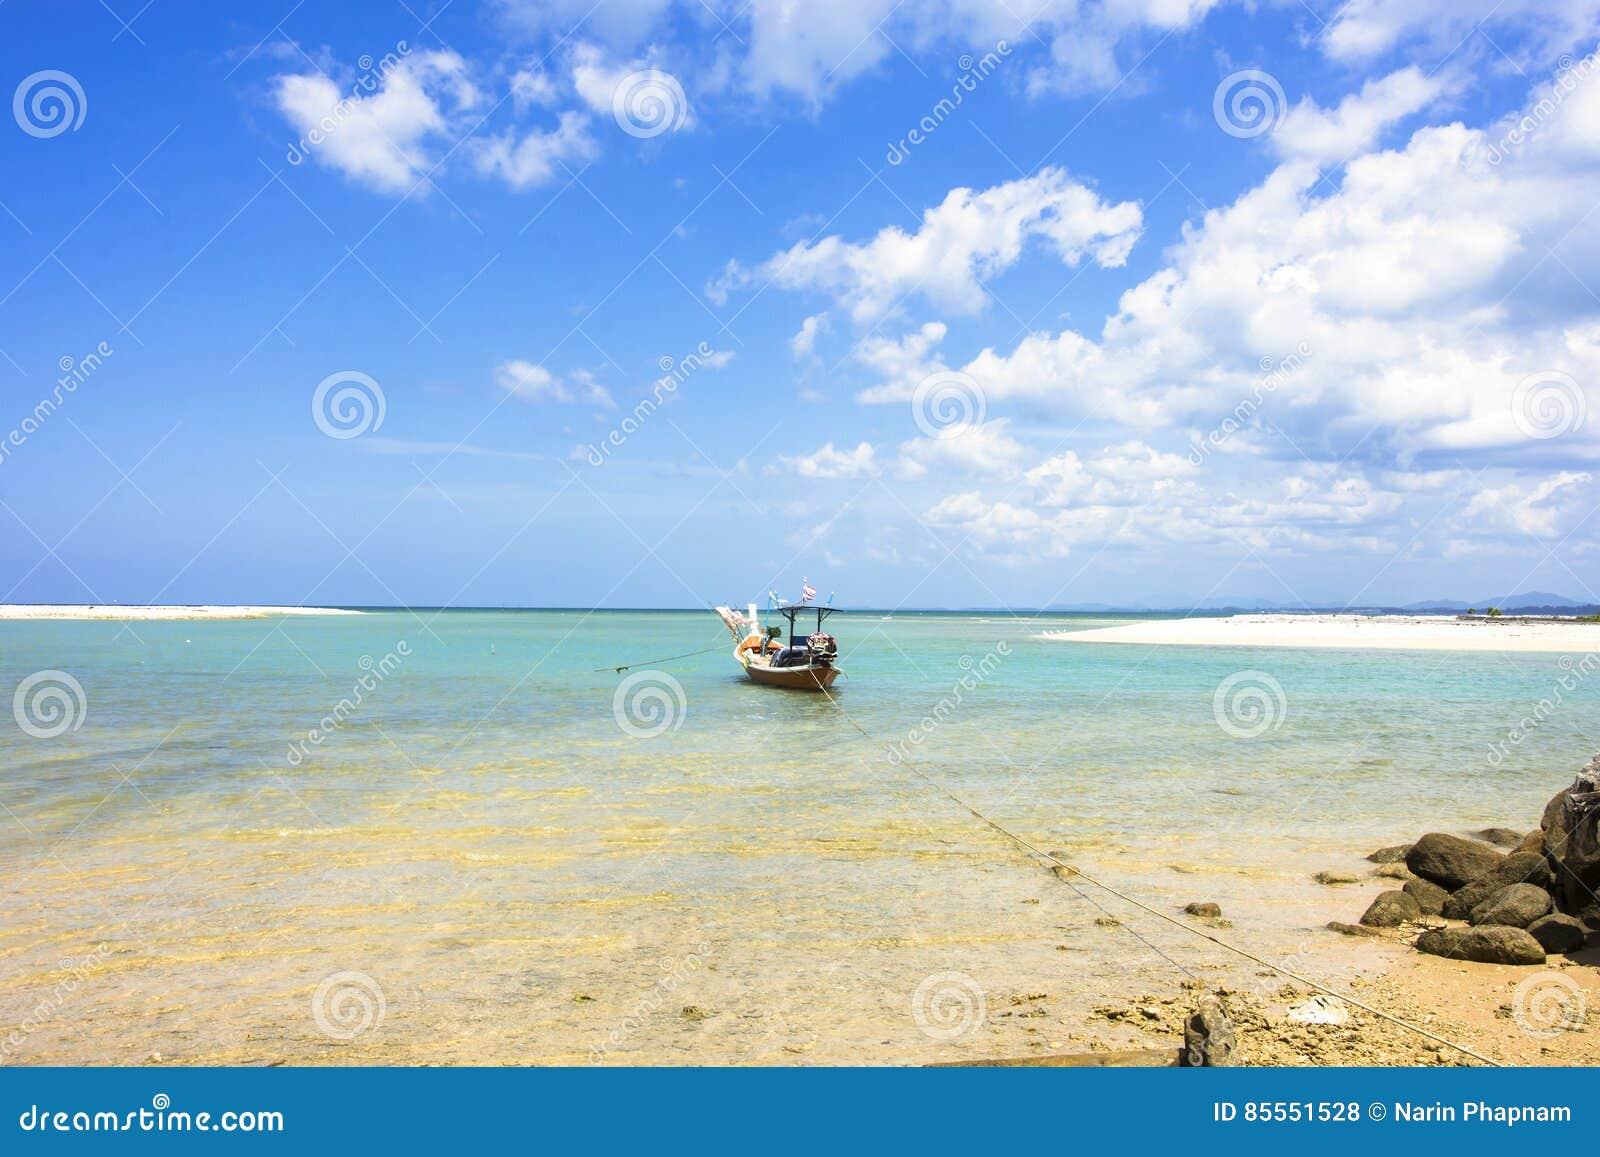 Fischerboot auf dem Meerblick und Wolke im blauen Himmel